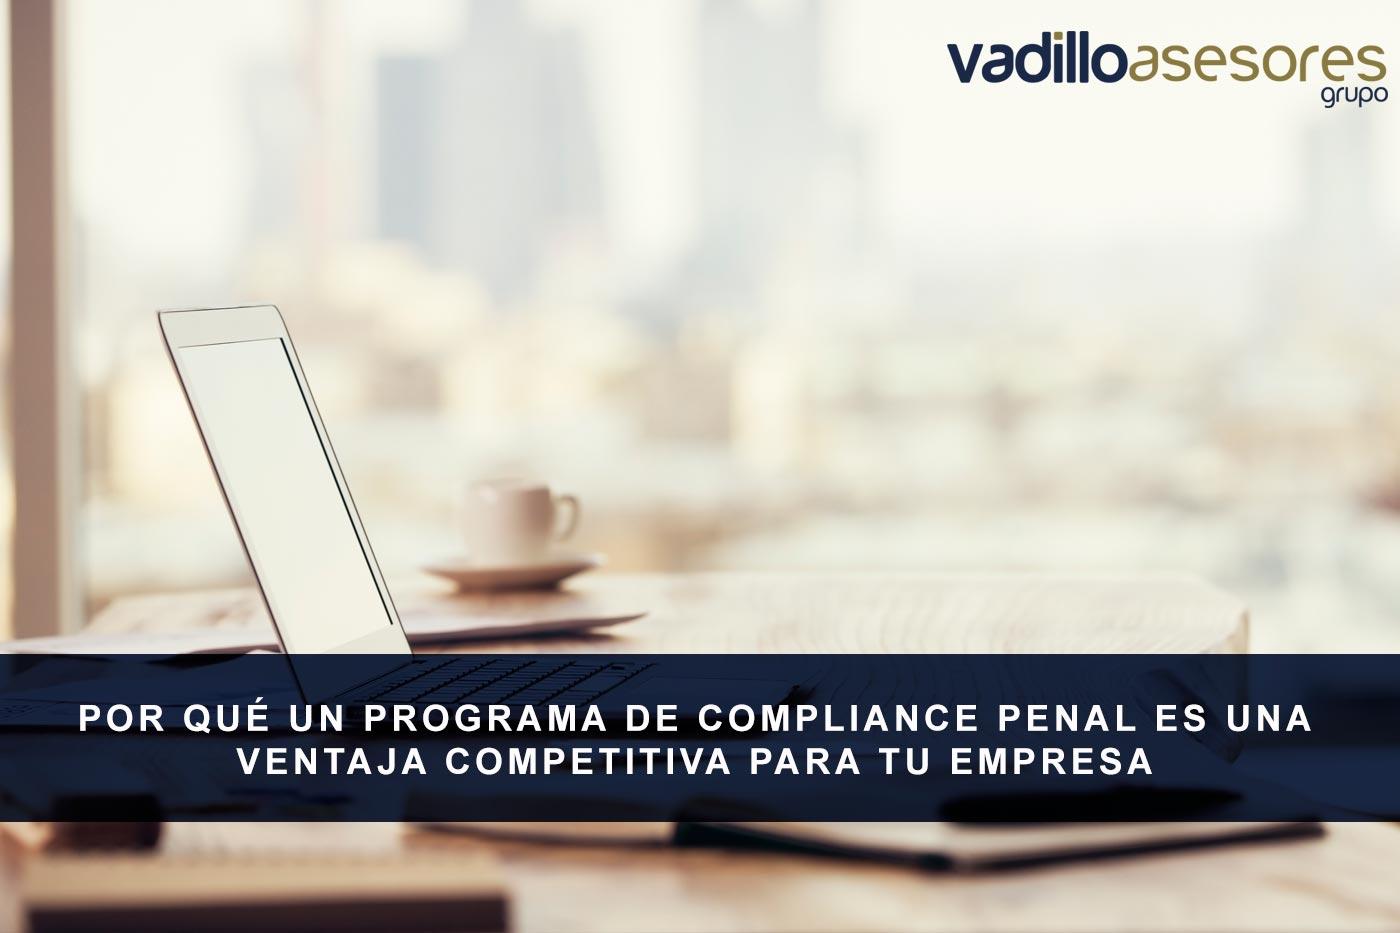 Por qué un programa de Compliance Penal es una ventaja competitiva para tu empresa